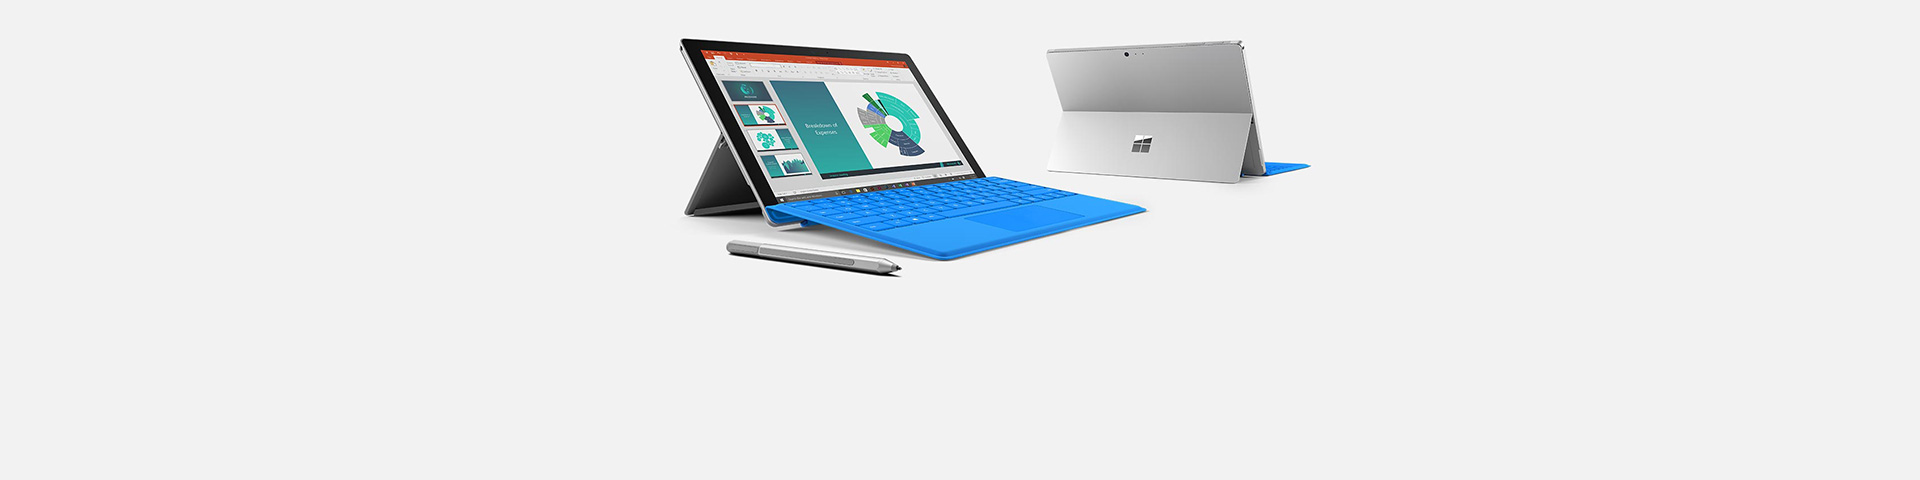 Surface Pro 4 디바이스